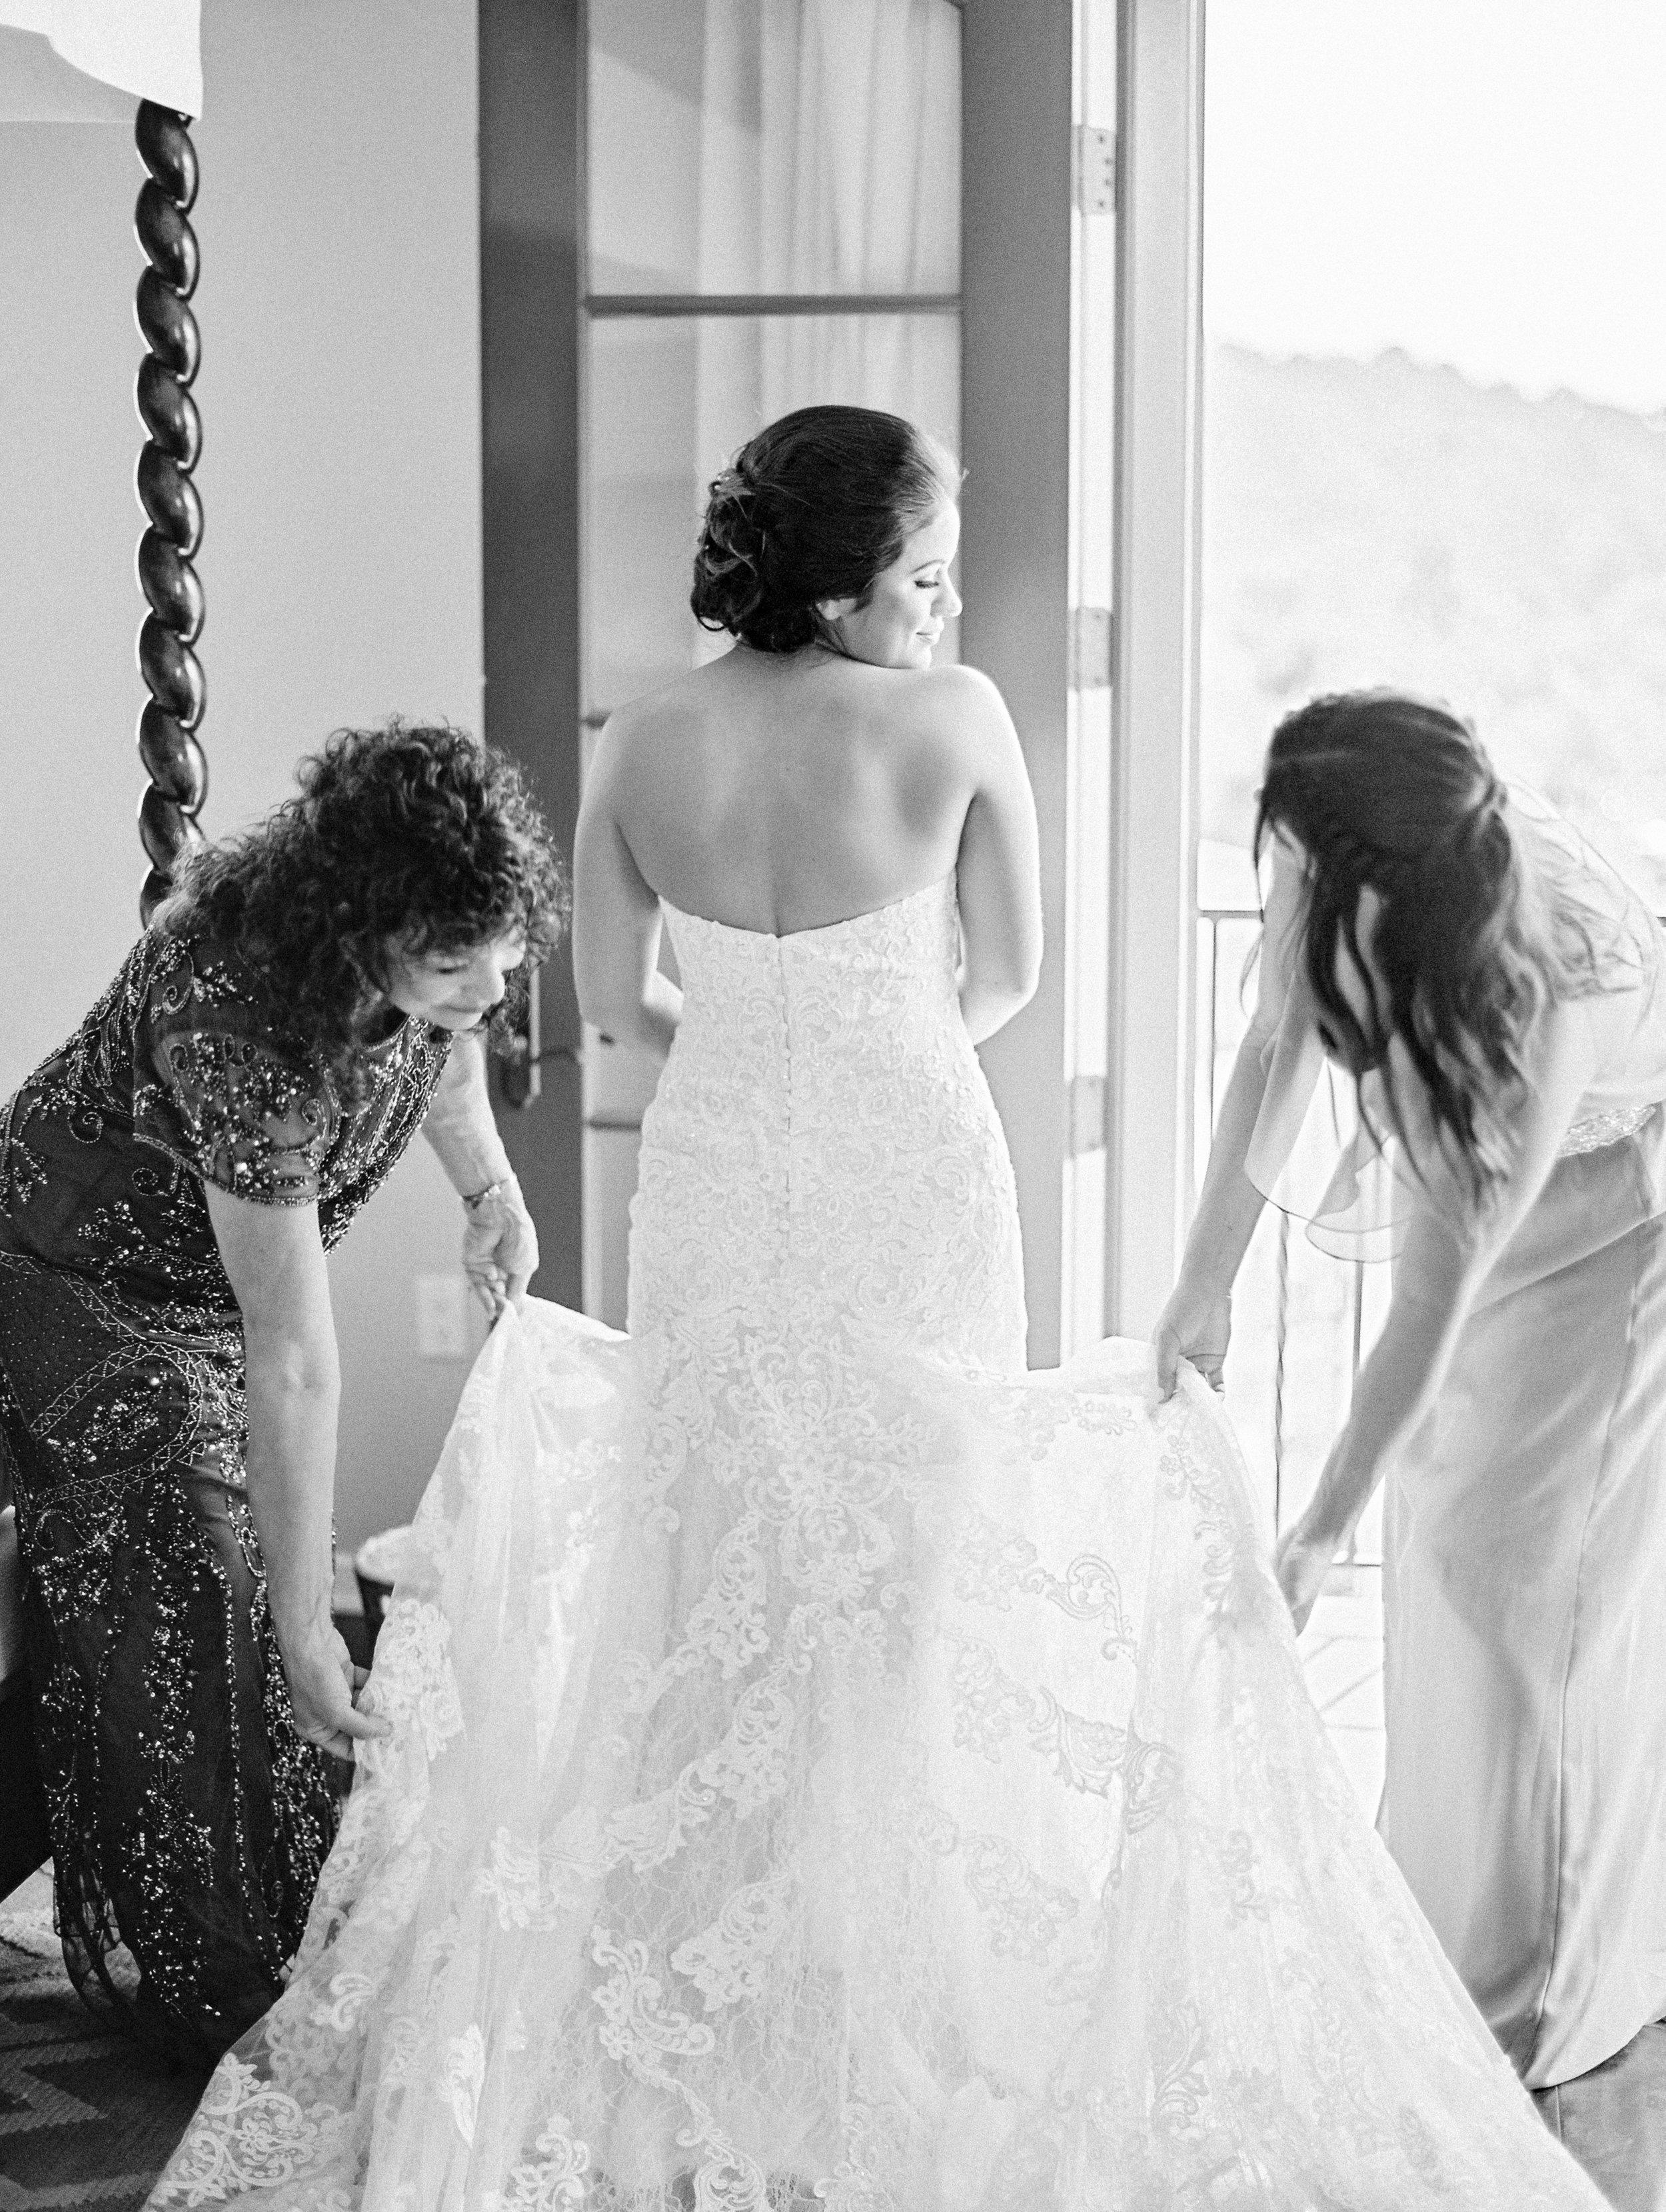 www.santabarbarawedding.com   El Presidio   Santa Barbara Club   Taralynn Lawton   Bride getting ready